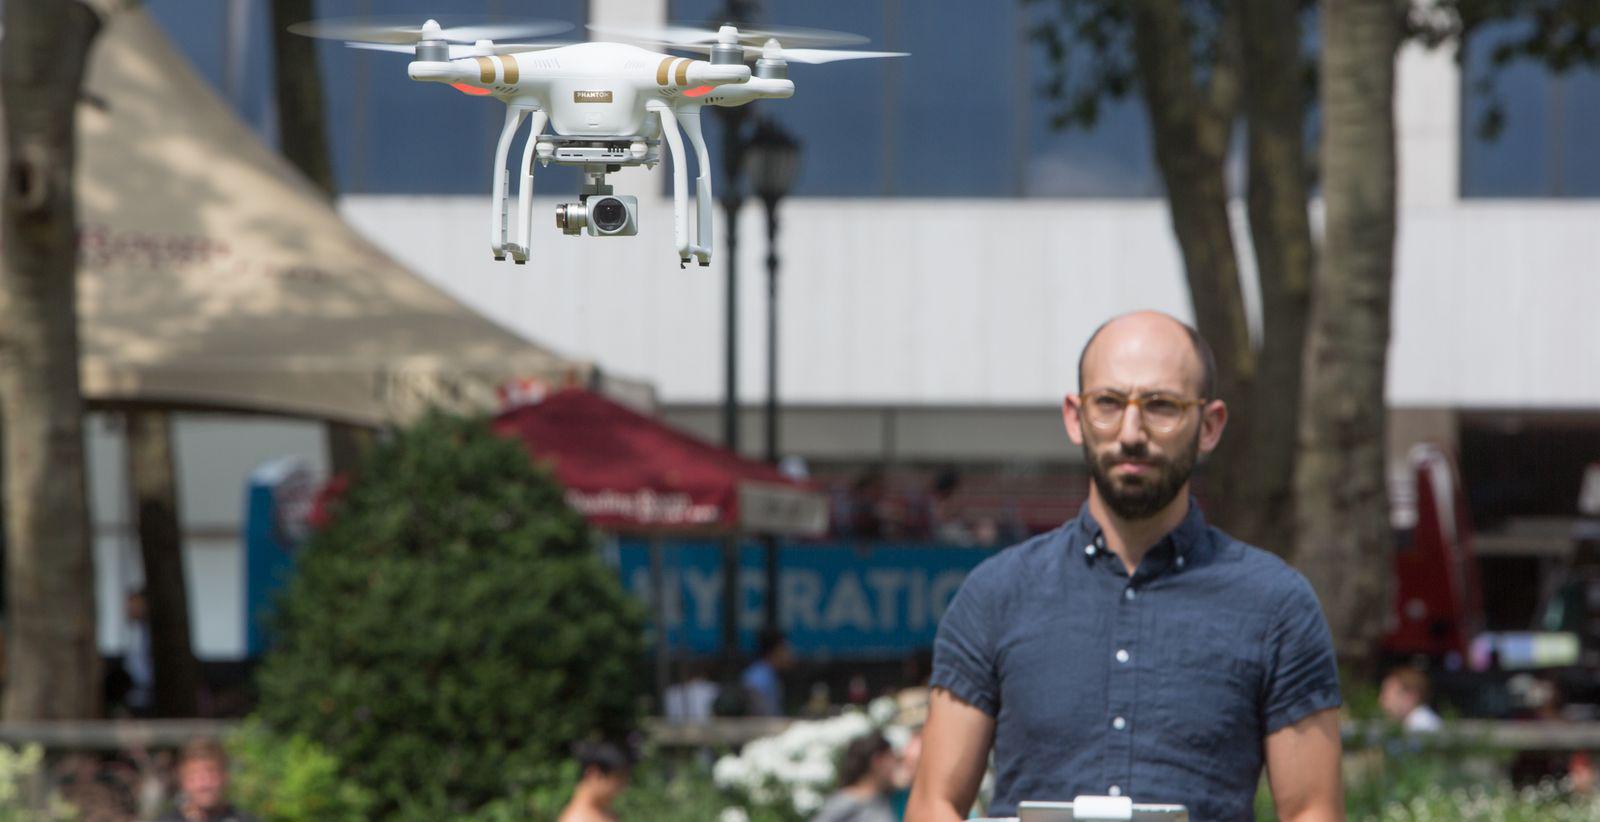 faa-airport-drones